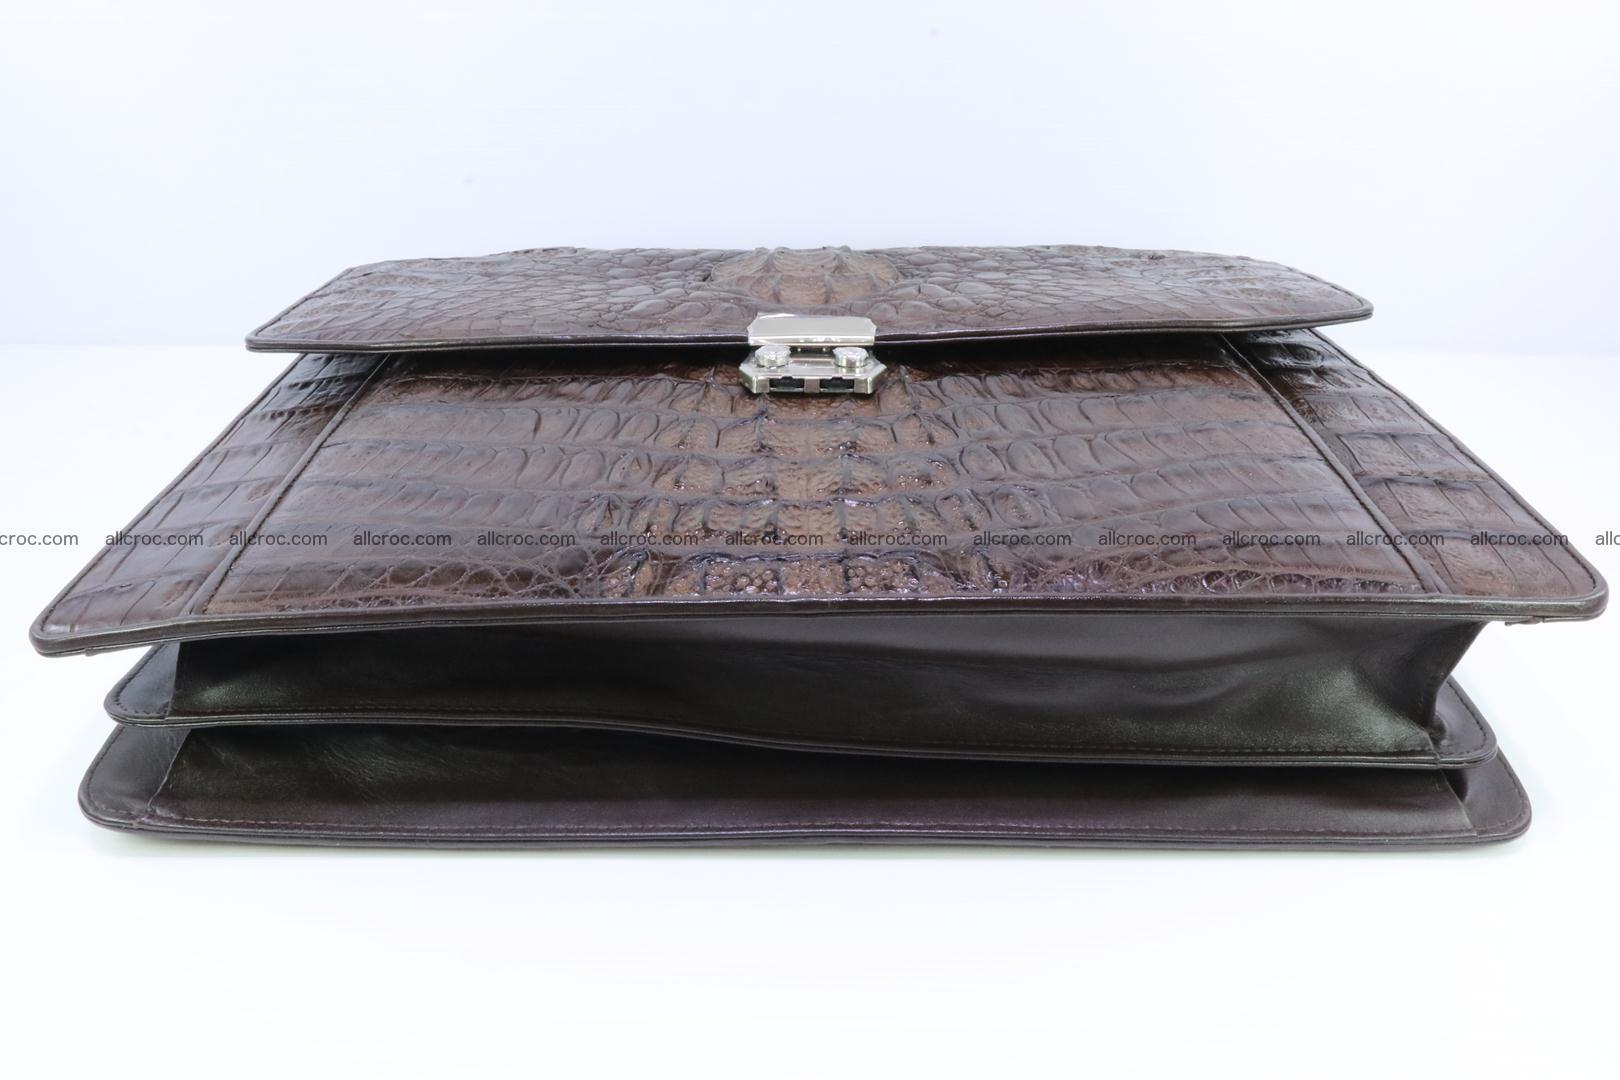 Crocodile skin briefcase 287 Foto 12